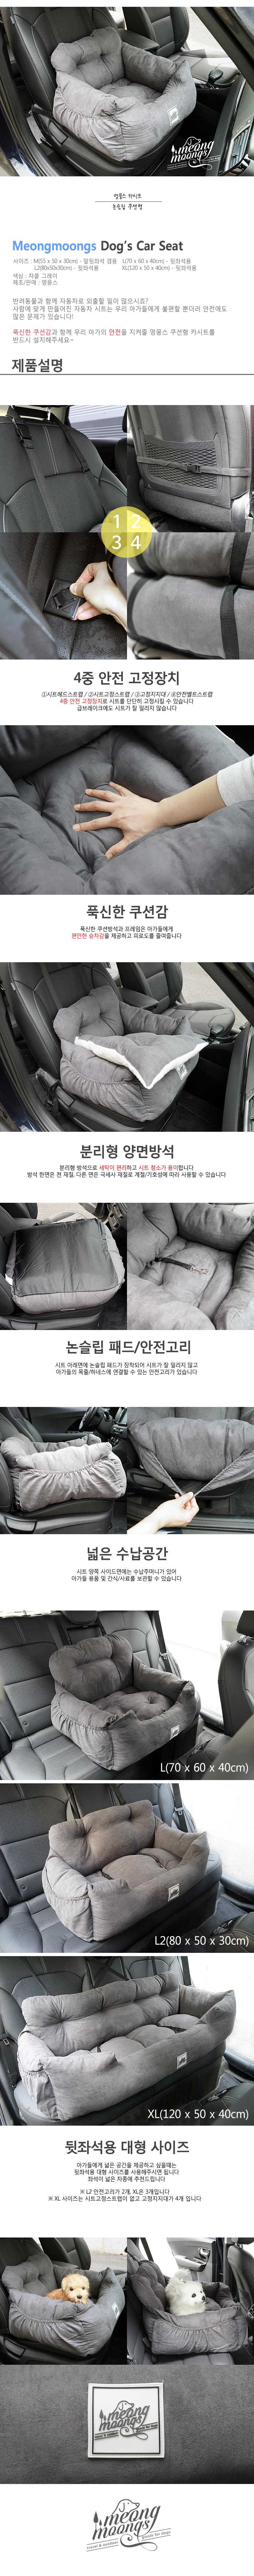 강아지 고양이 쿠션형 카시트 - 멍뭉스, 35,000원, 이동장/리드줄/야외용품, 이동가방